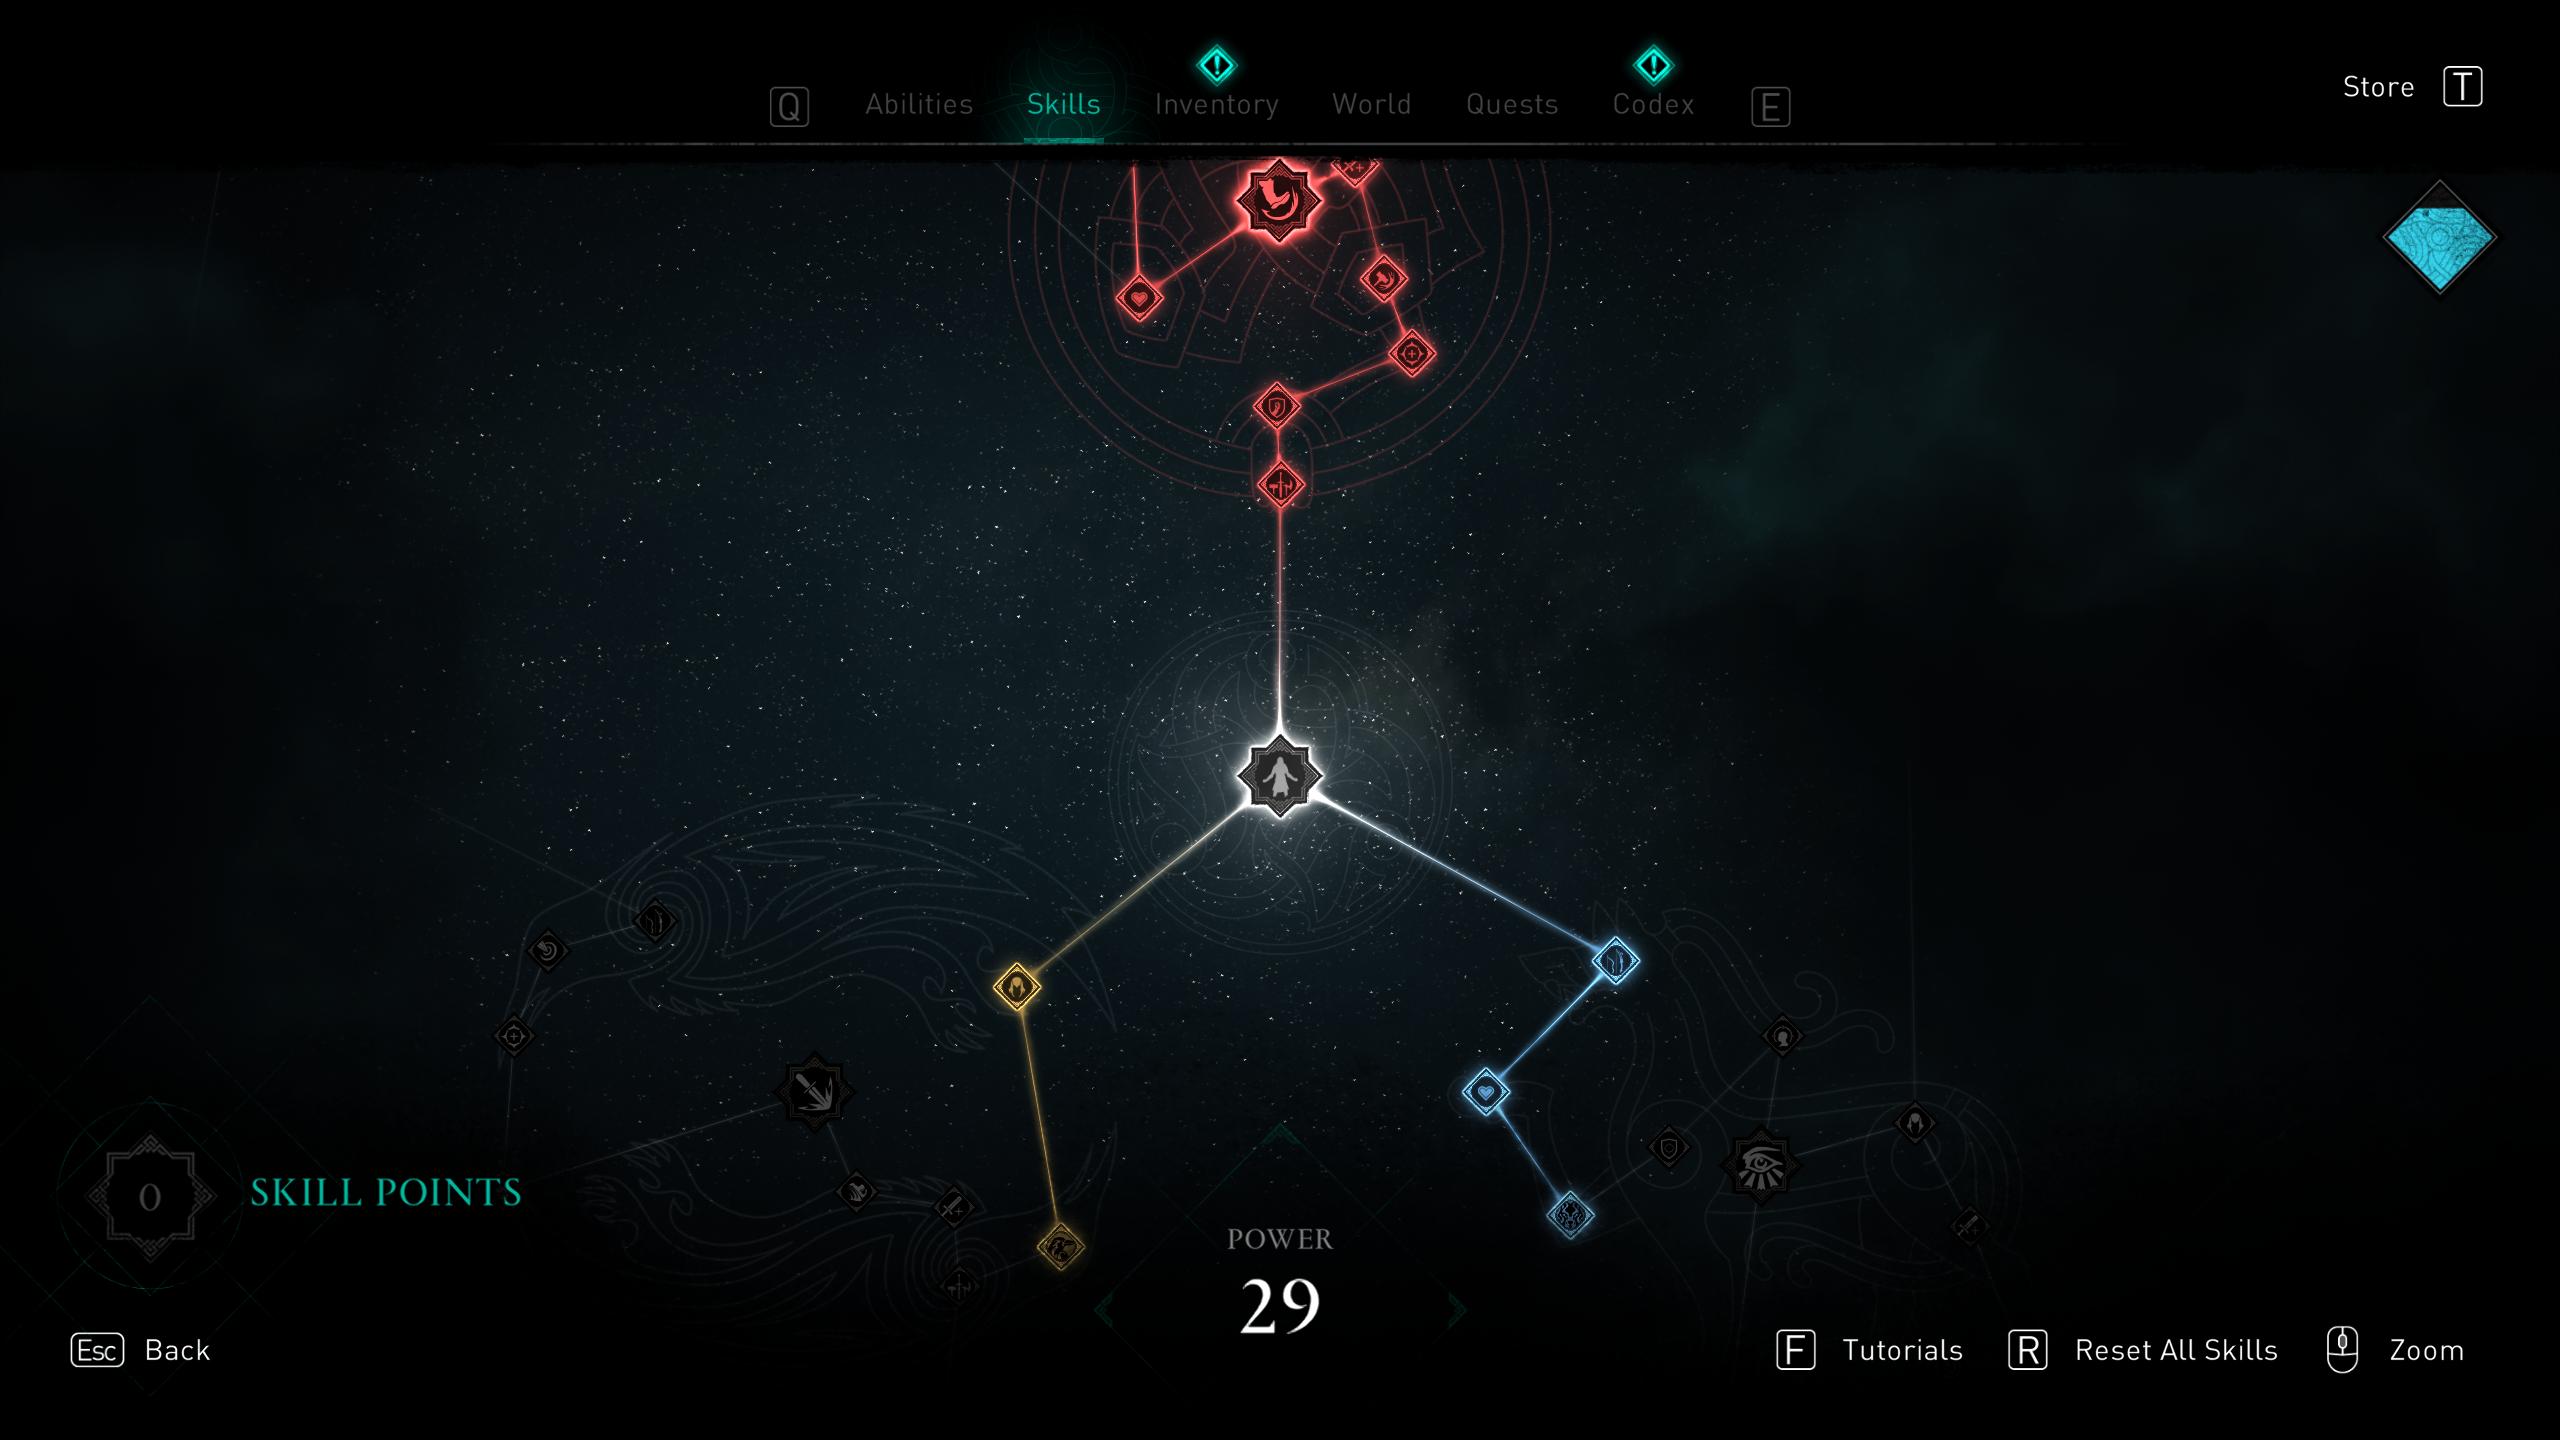 Skill tree in Assassin's Creed Valhalla